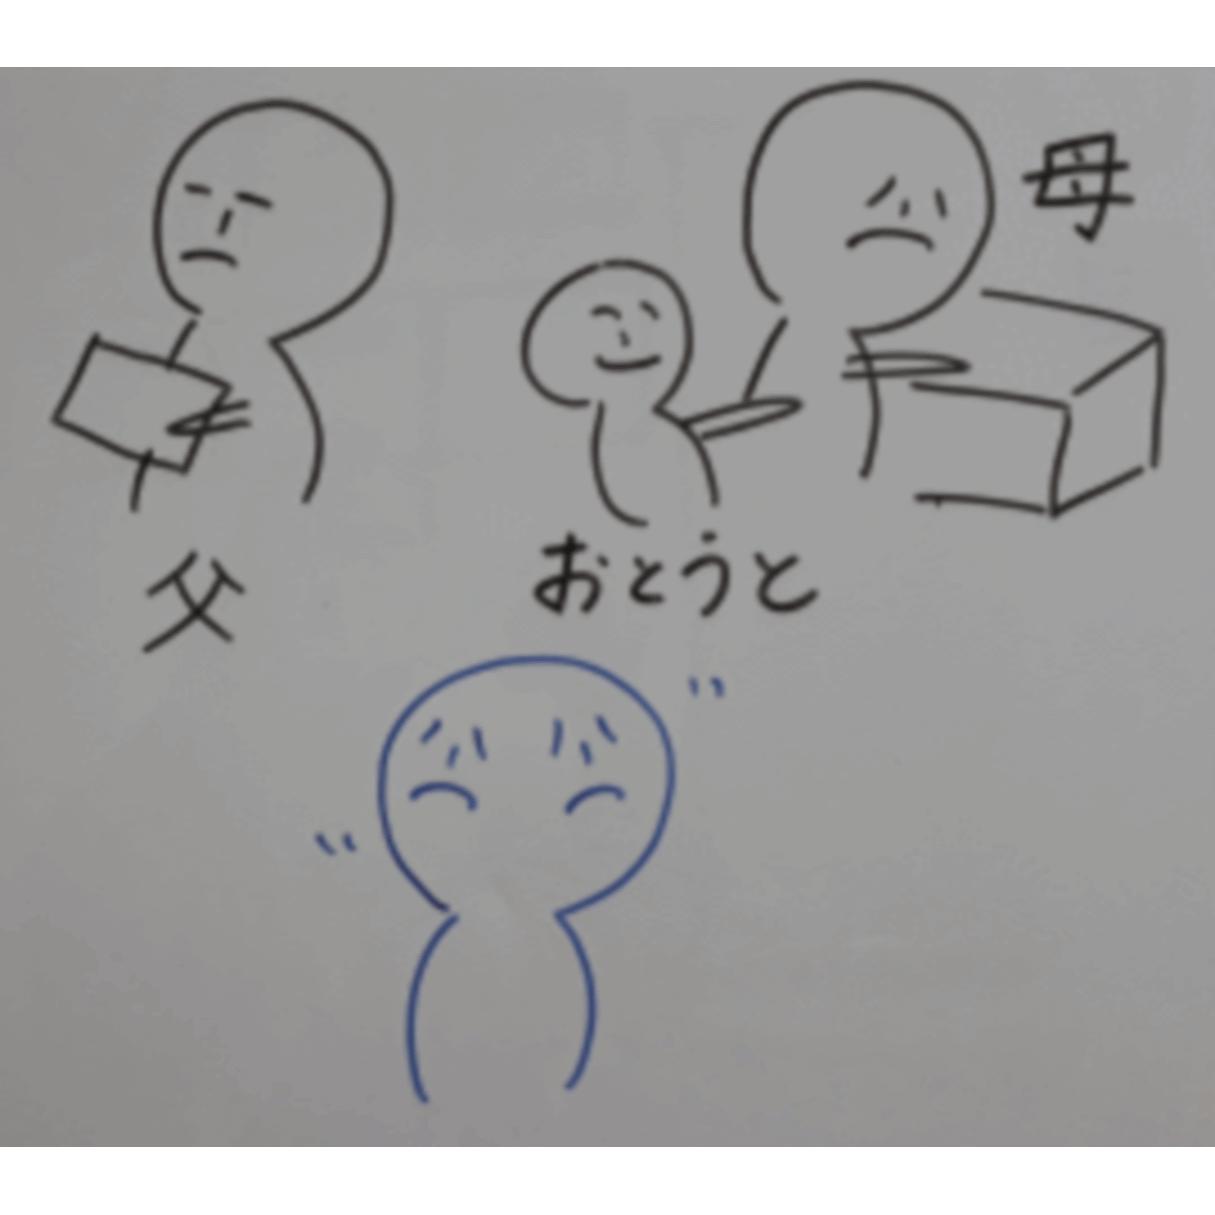 ホワイトボードに描いたイラストの一例